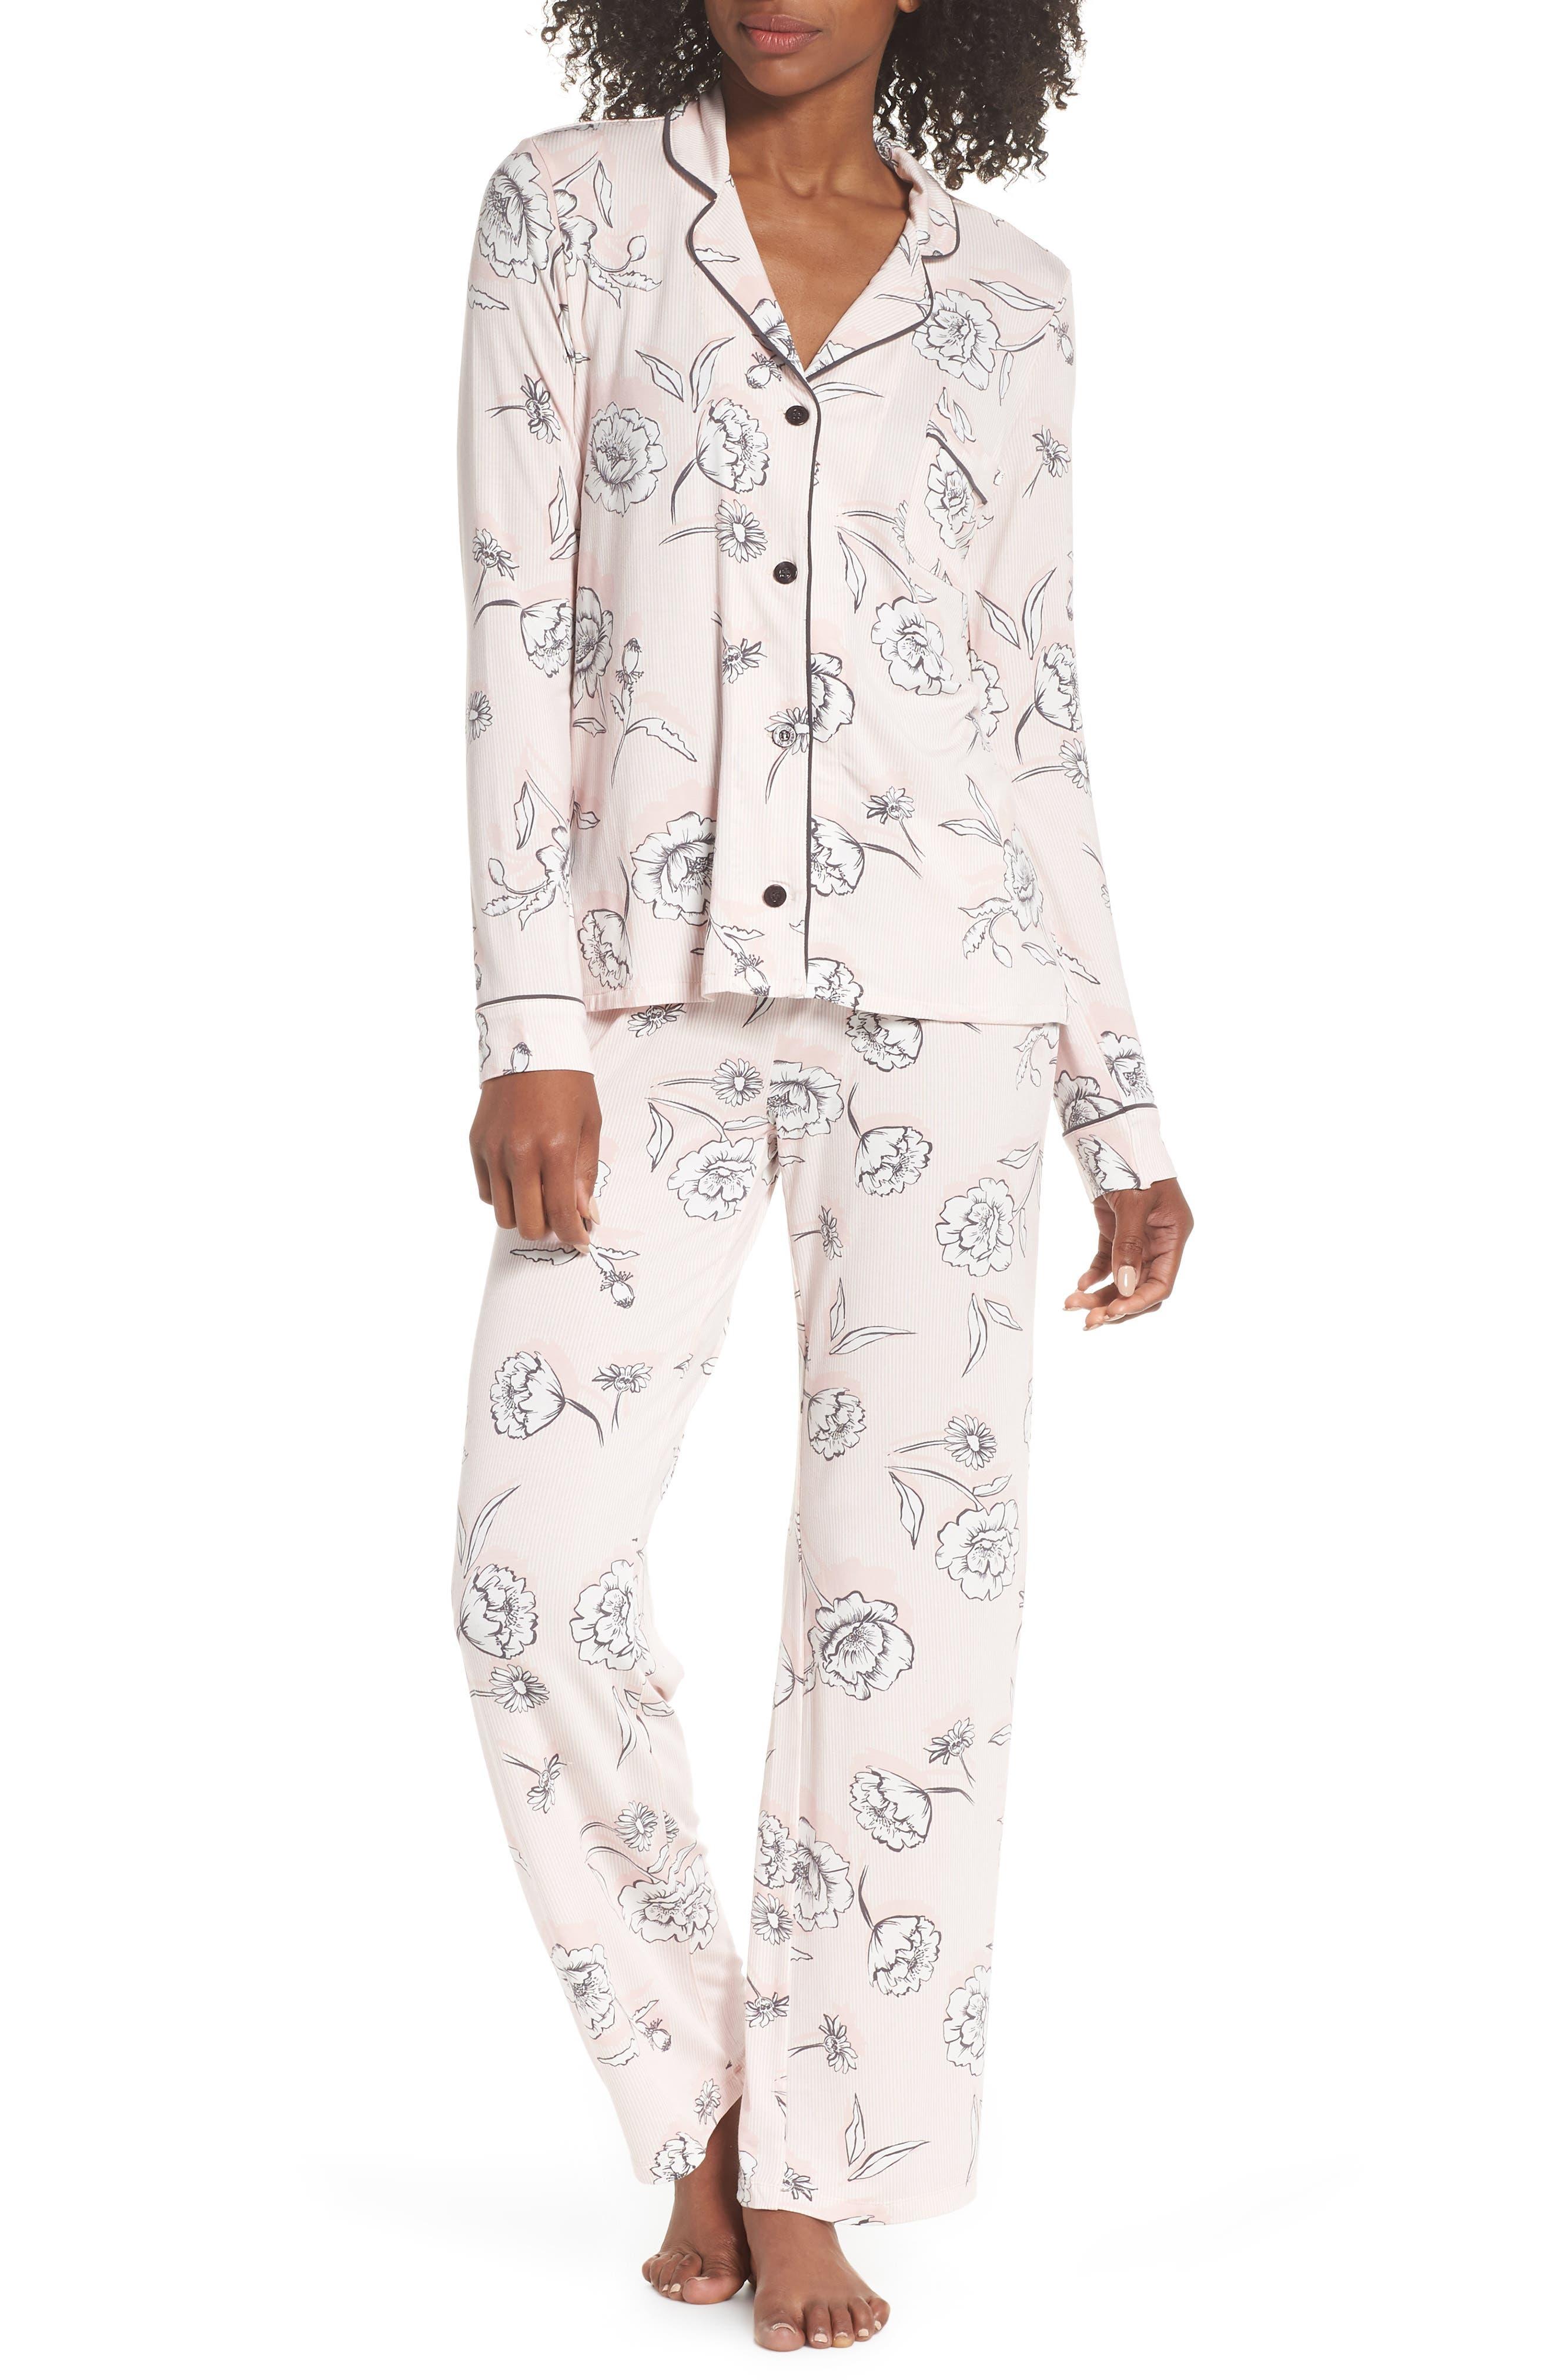 Shadow Floral Pajamas,                             Main thumbnail 1, color,                             650